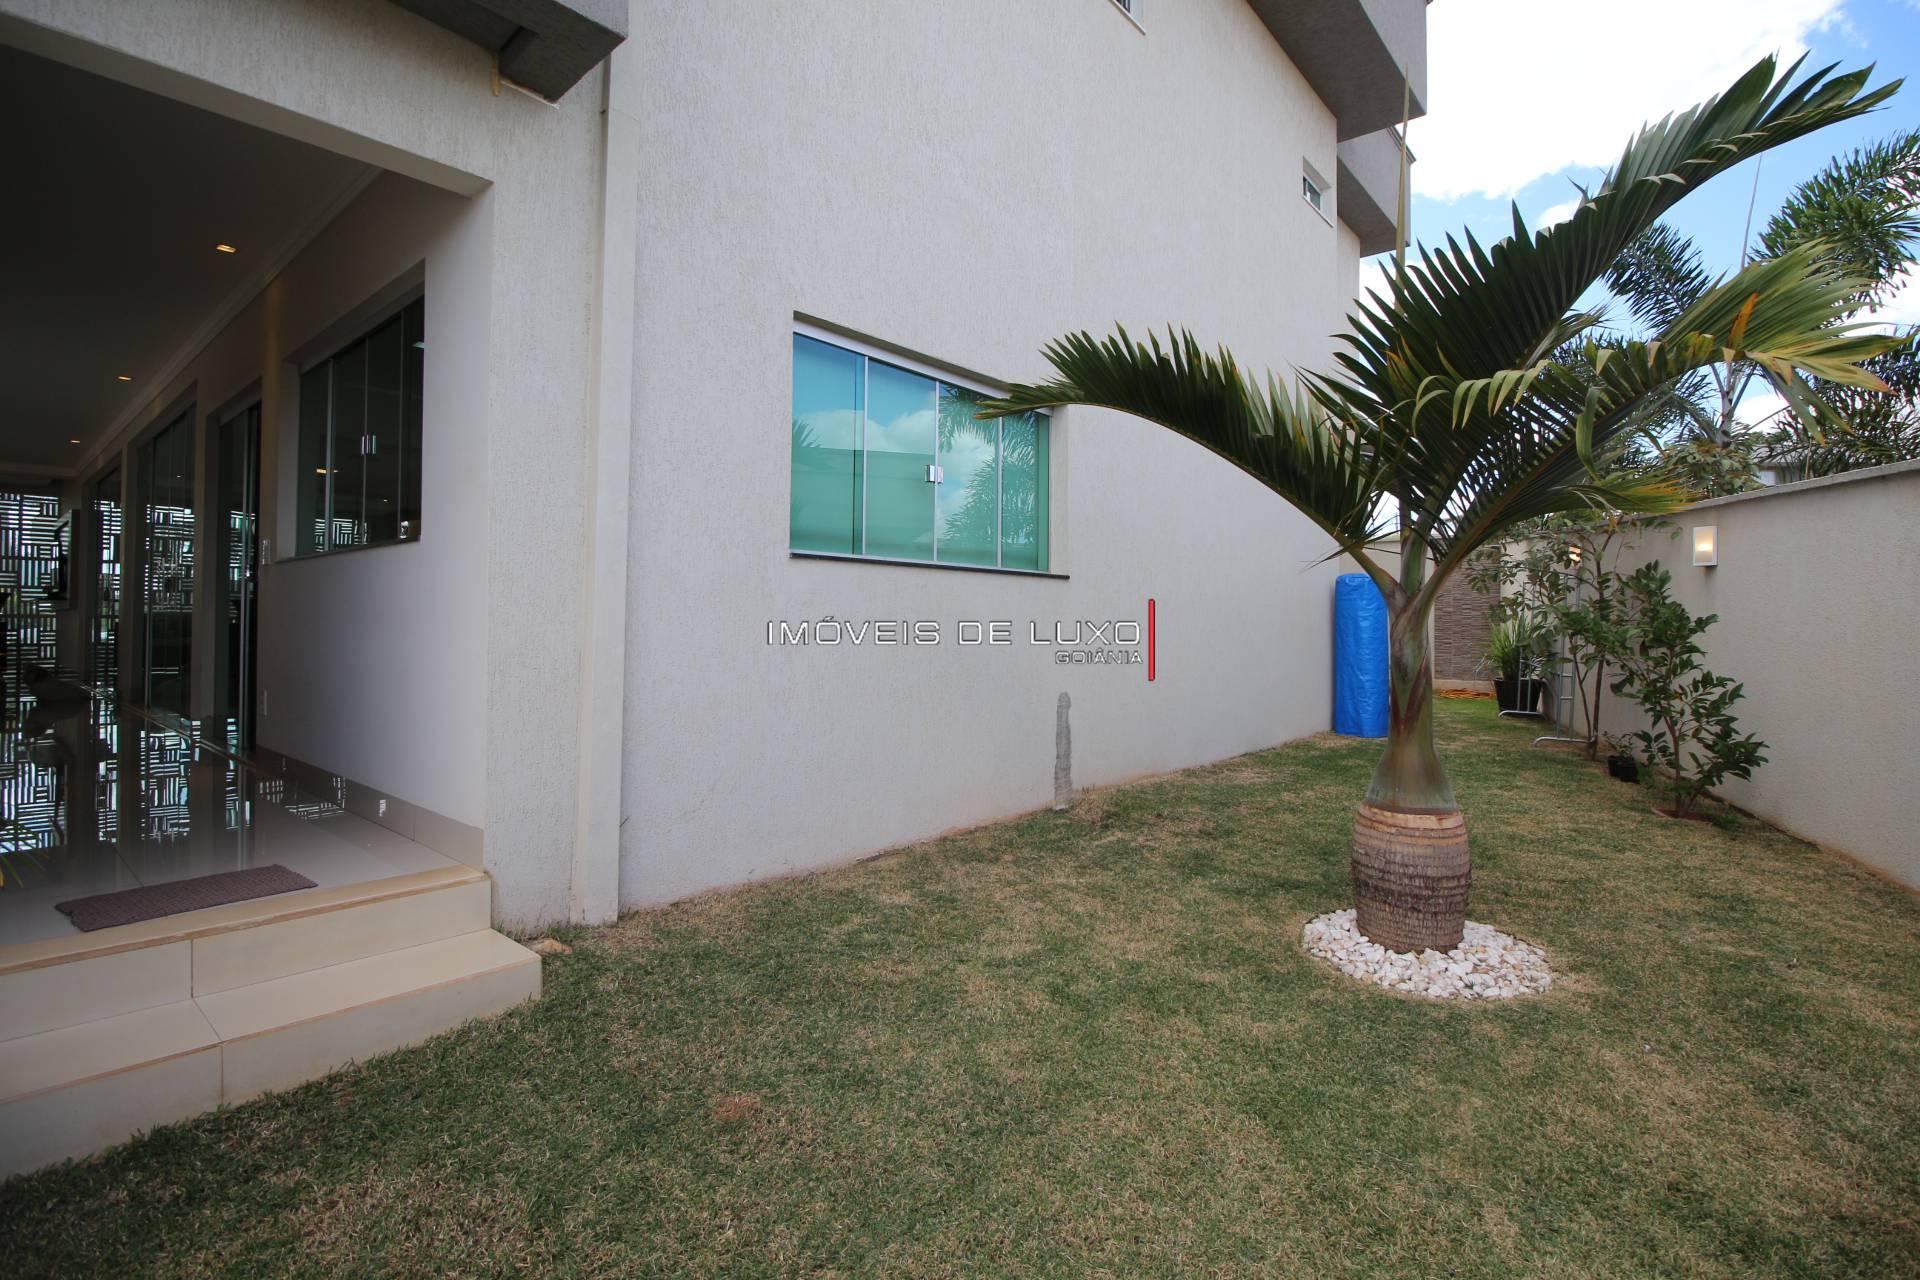 Imóveis de Luxo - Sobrado com 4 suítes no Condomínio do Lago